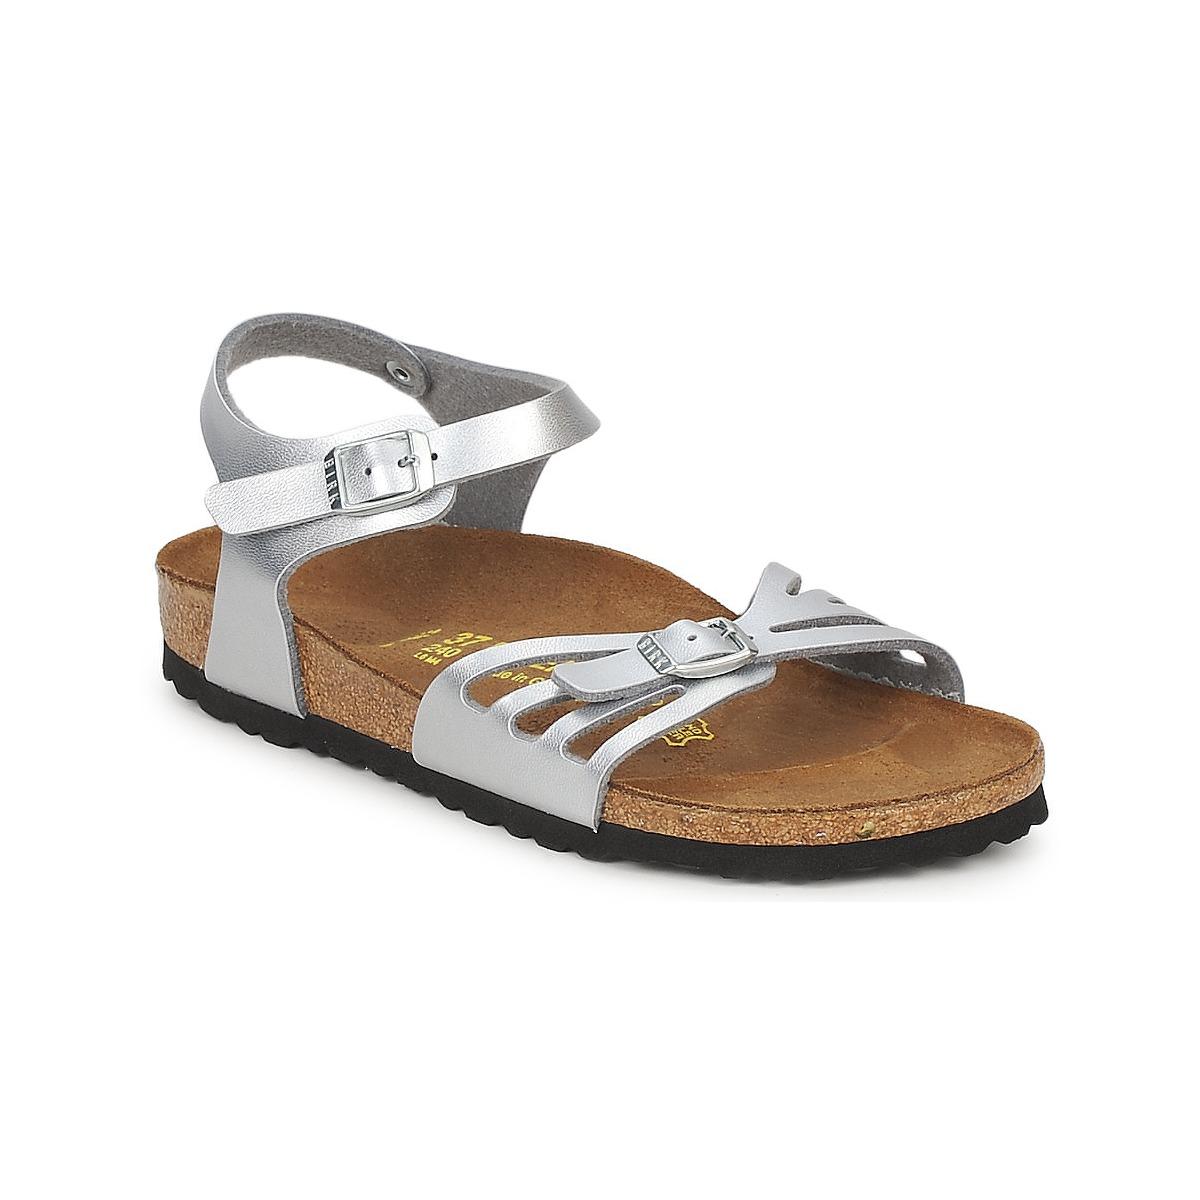 Chaussures Birkenstock marron fille 880SvB8V